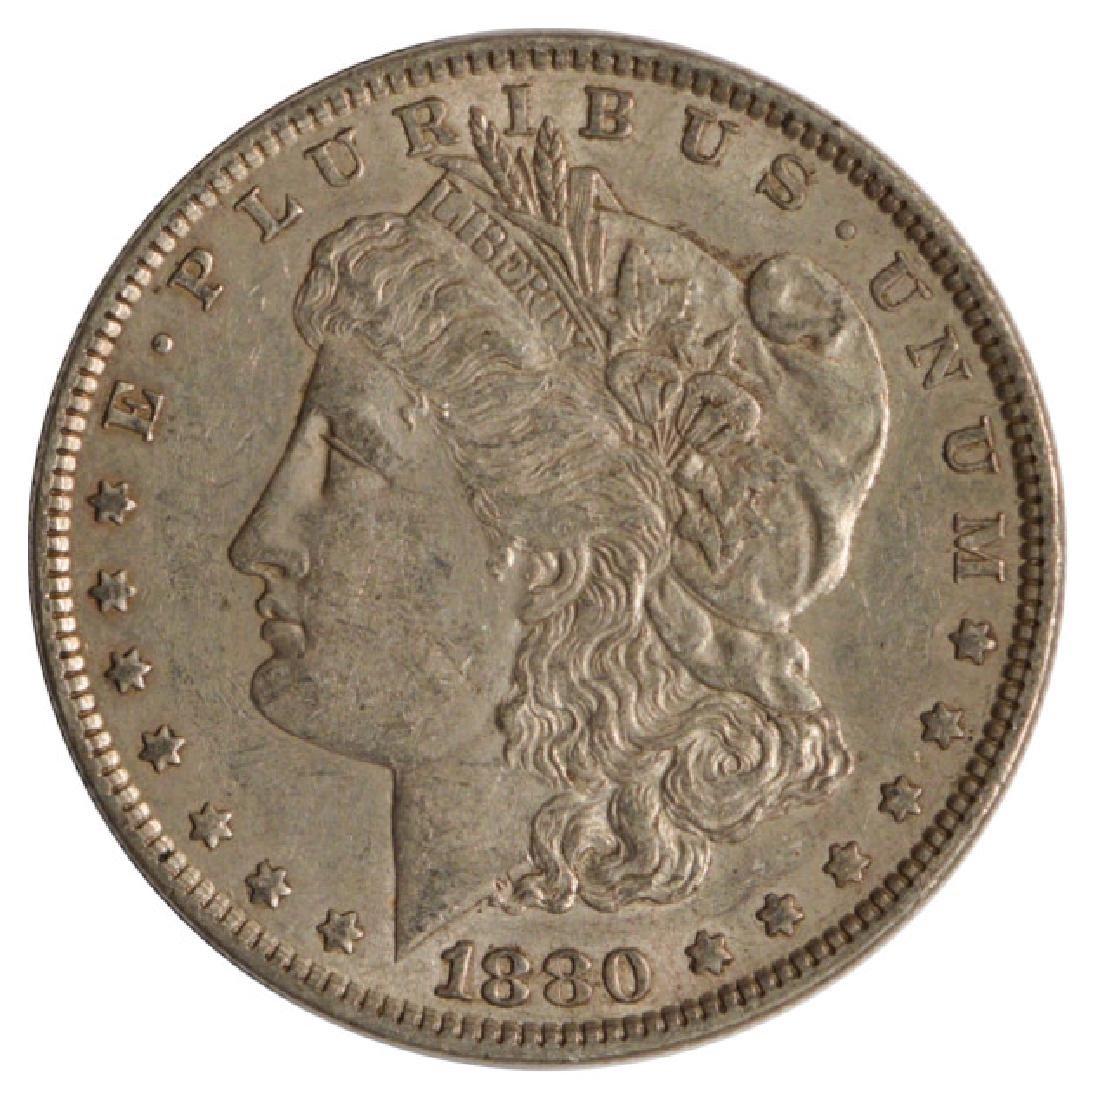 1880 $1 Morgan Silver Dollar Coin